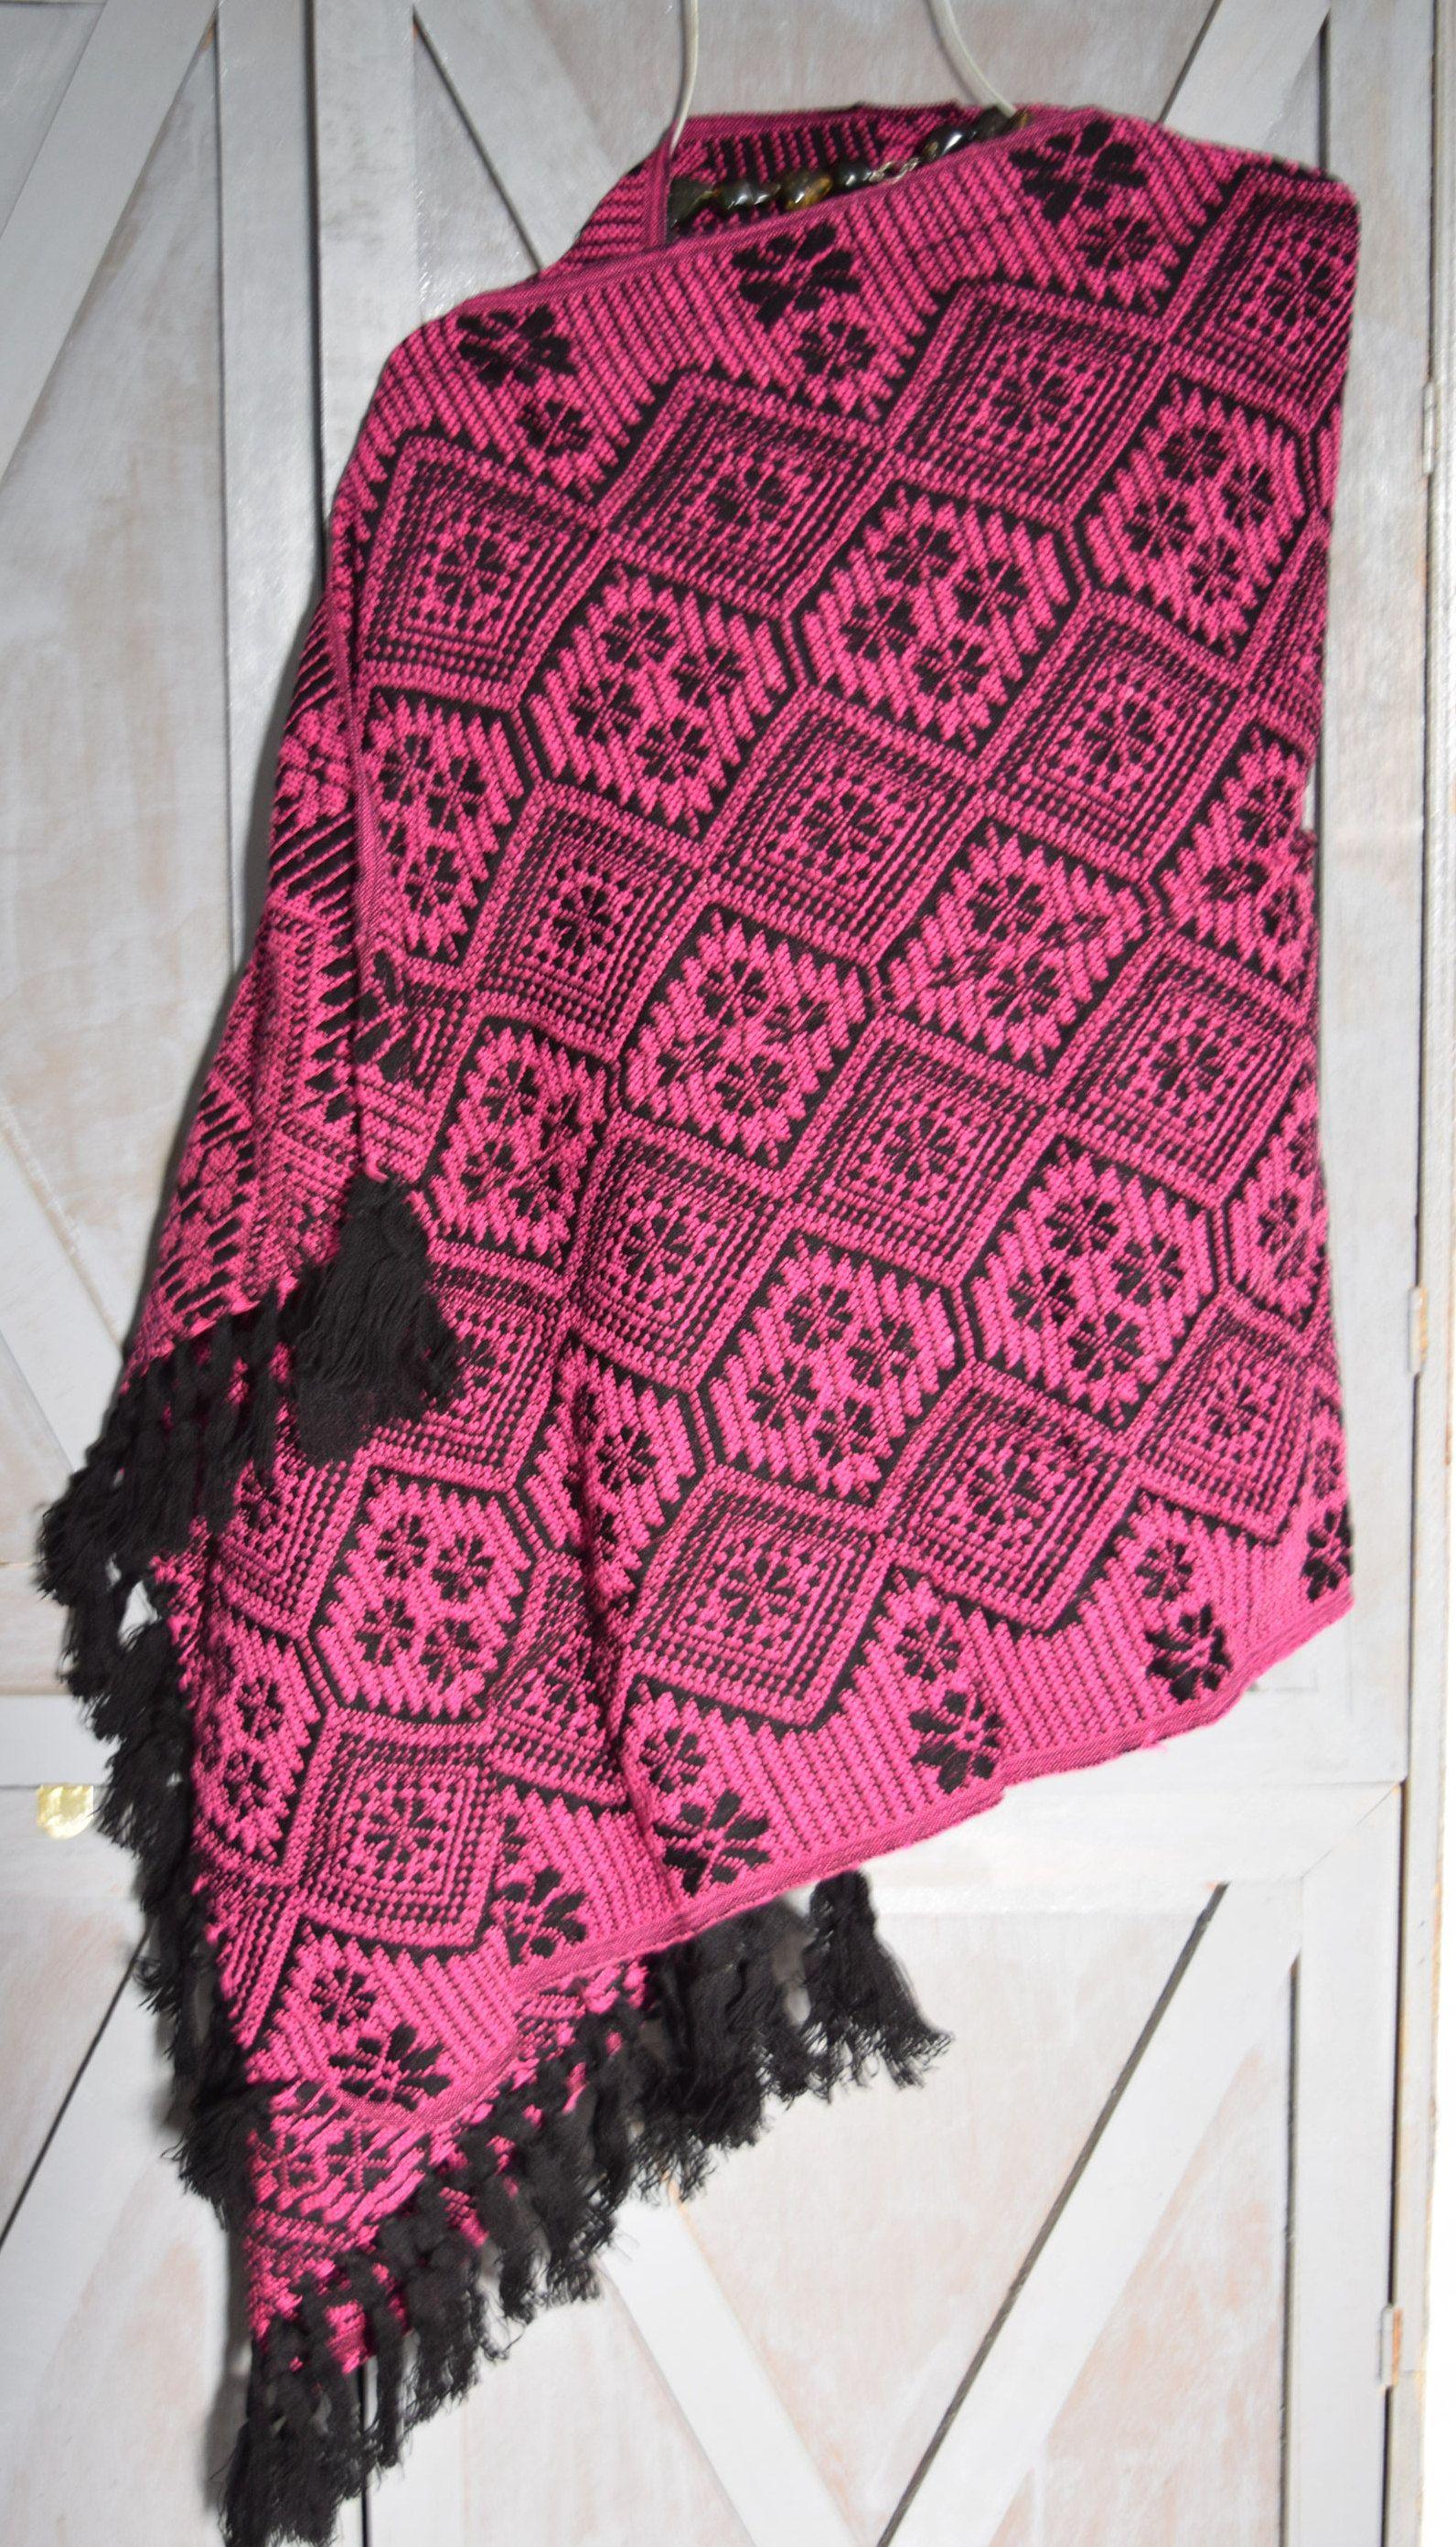 08879e2d1b2a0 Rebozo  Chal de Chiapas elaborado en telar   hecho a mano   mexican party    fiesta mexicana   boho chic   mexican fabric   artesanía mexican de ...